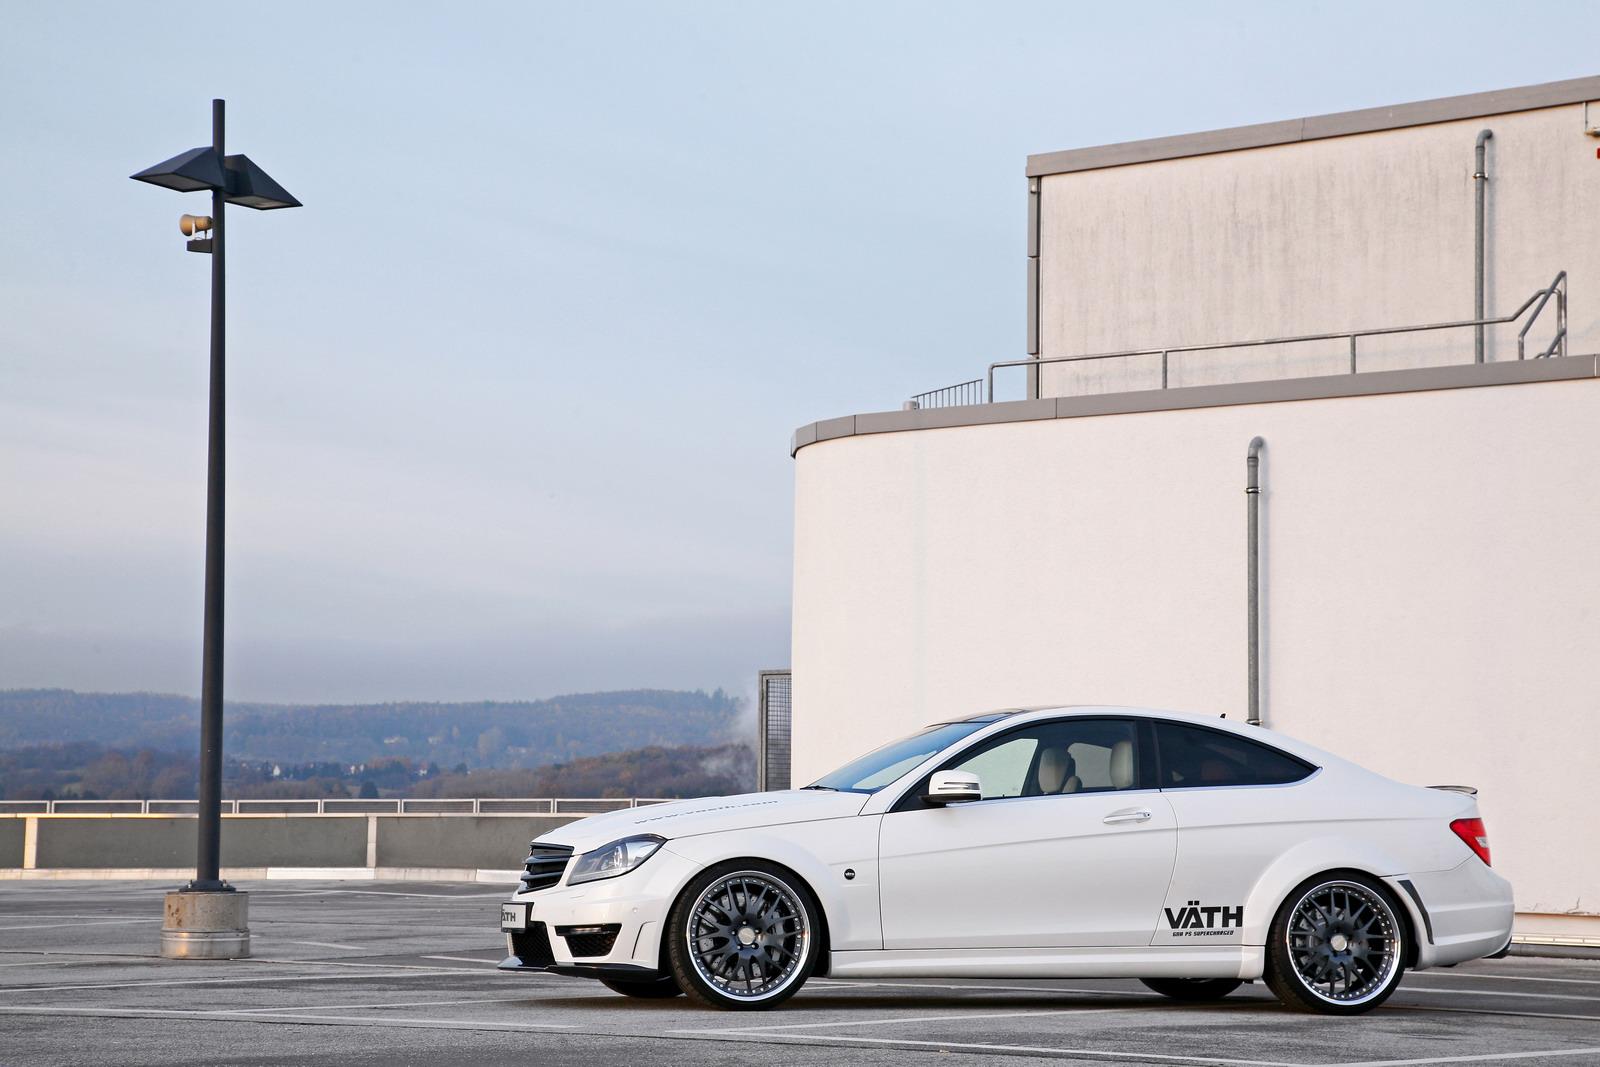 VATH V63 Supercharged aneb vyladěný Mercedes C63 AMG 2